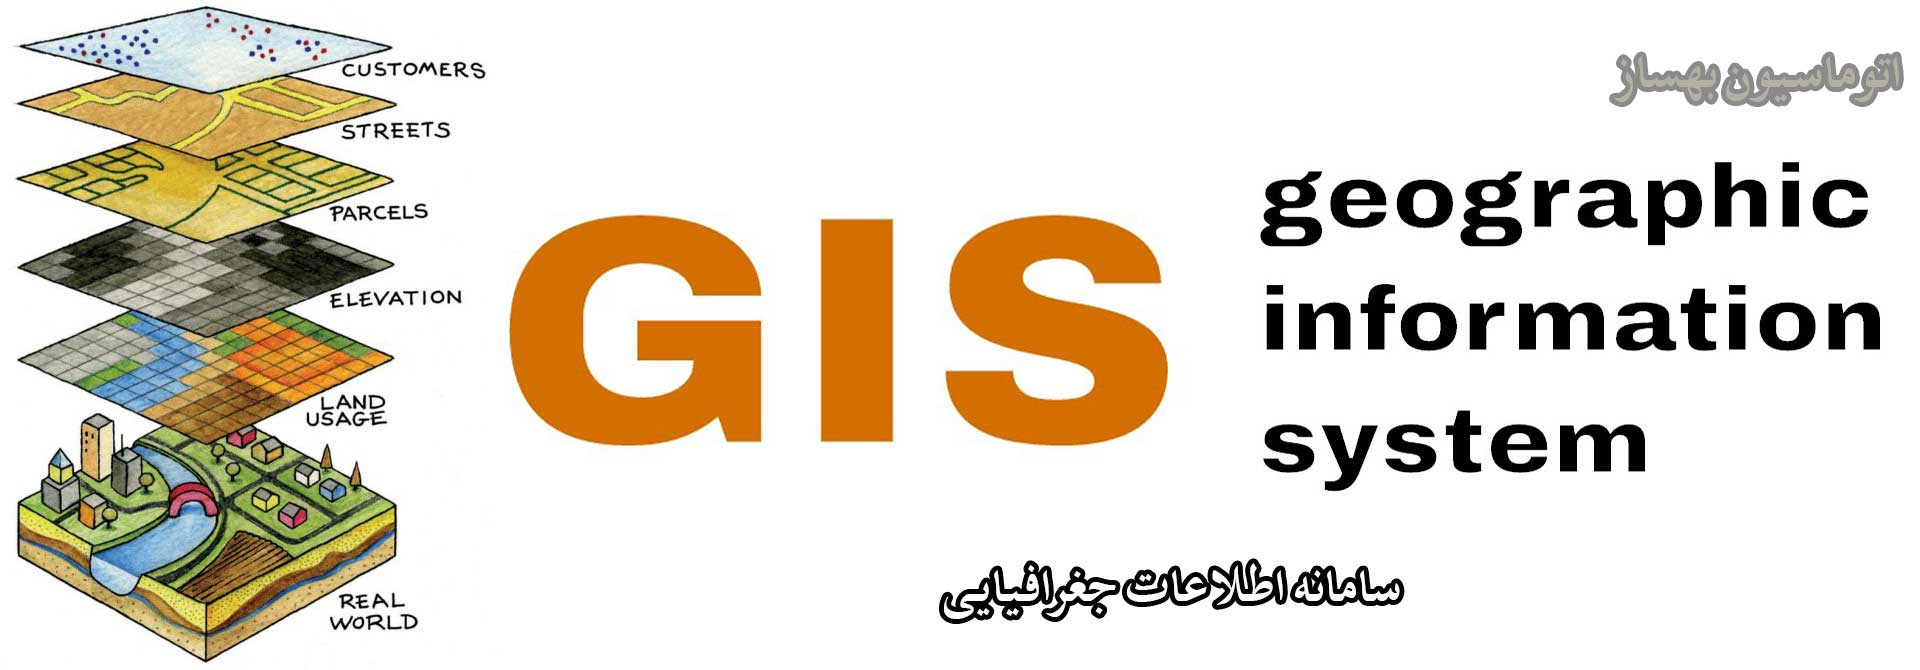 سامانه اطلاعات جغرافیایی GIS